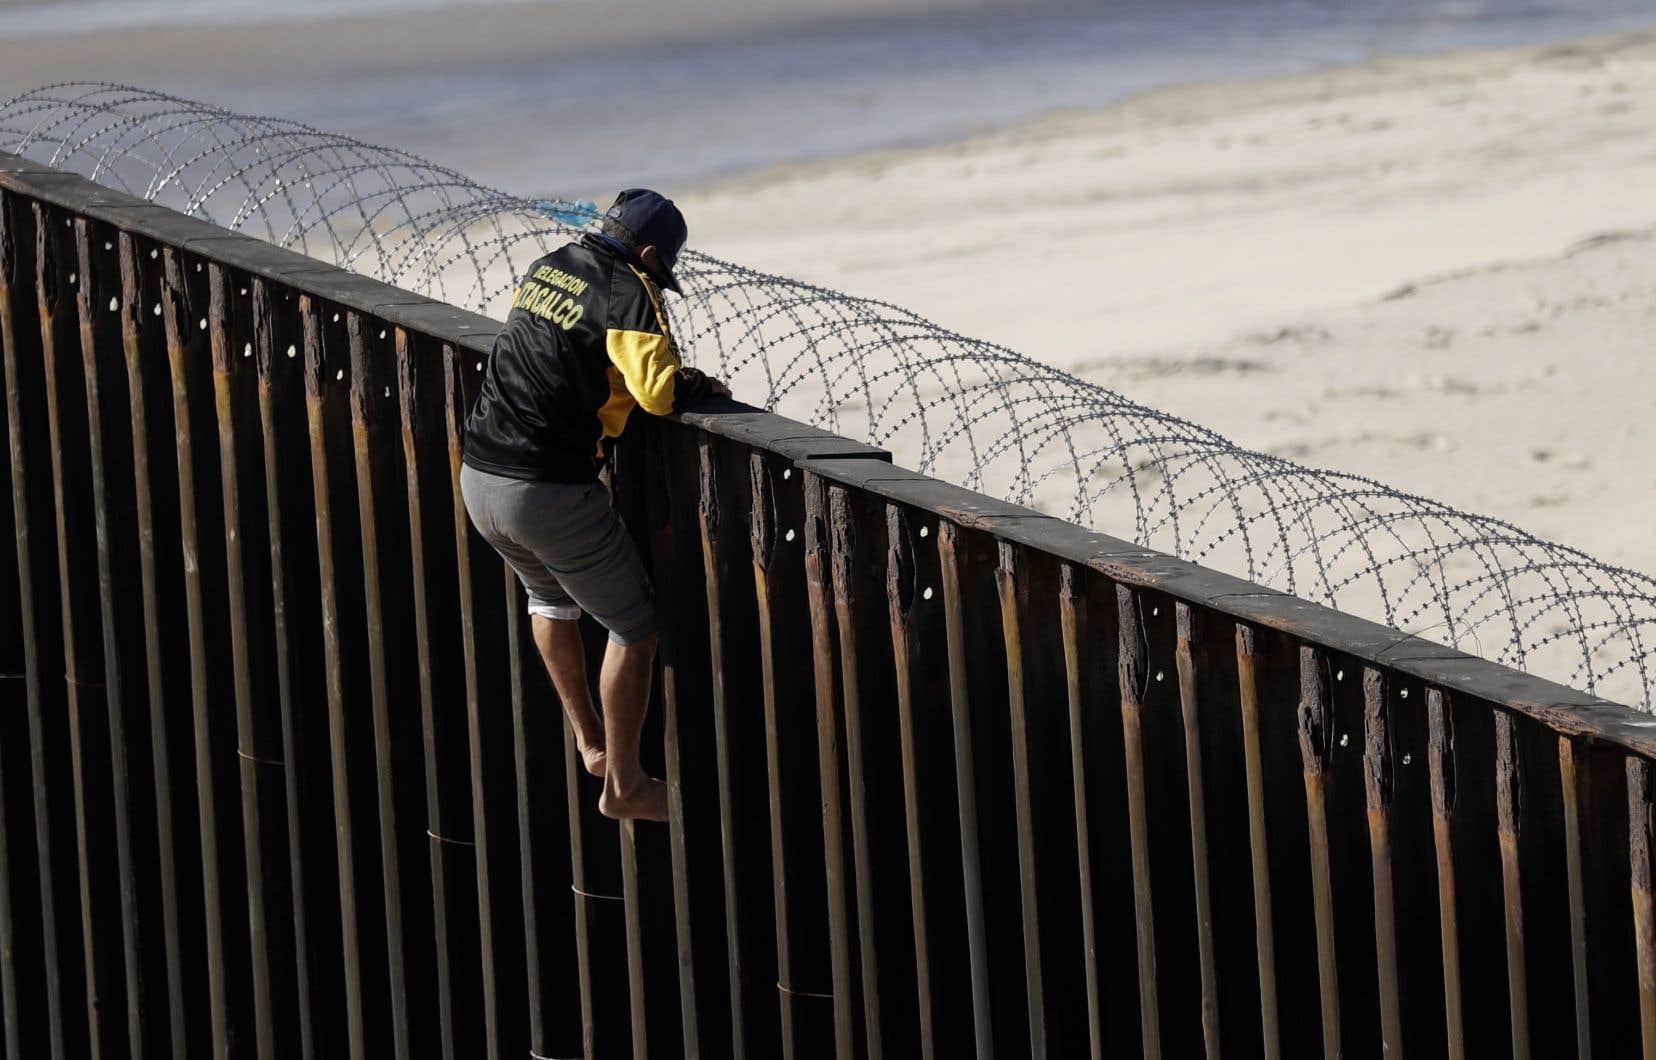 Un homme est décidé à entrer aux États-Unis, malgré les menaces du président Donald Trump qui a promis d'empêcher les migrants de pénétrer le territoire américain.